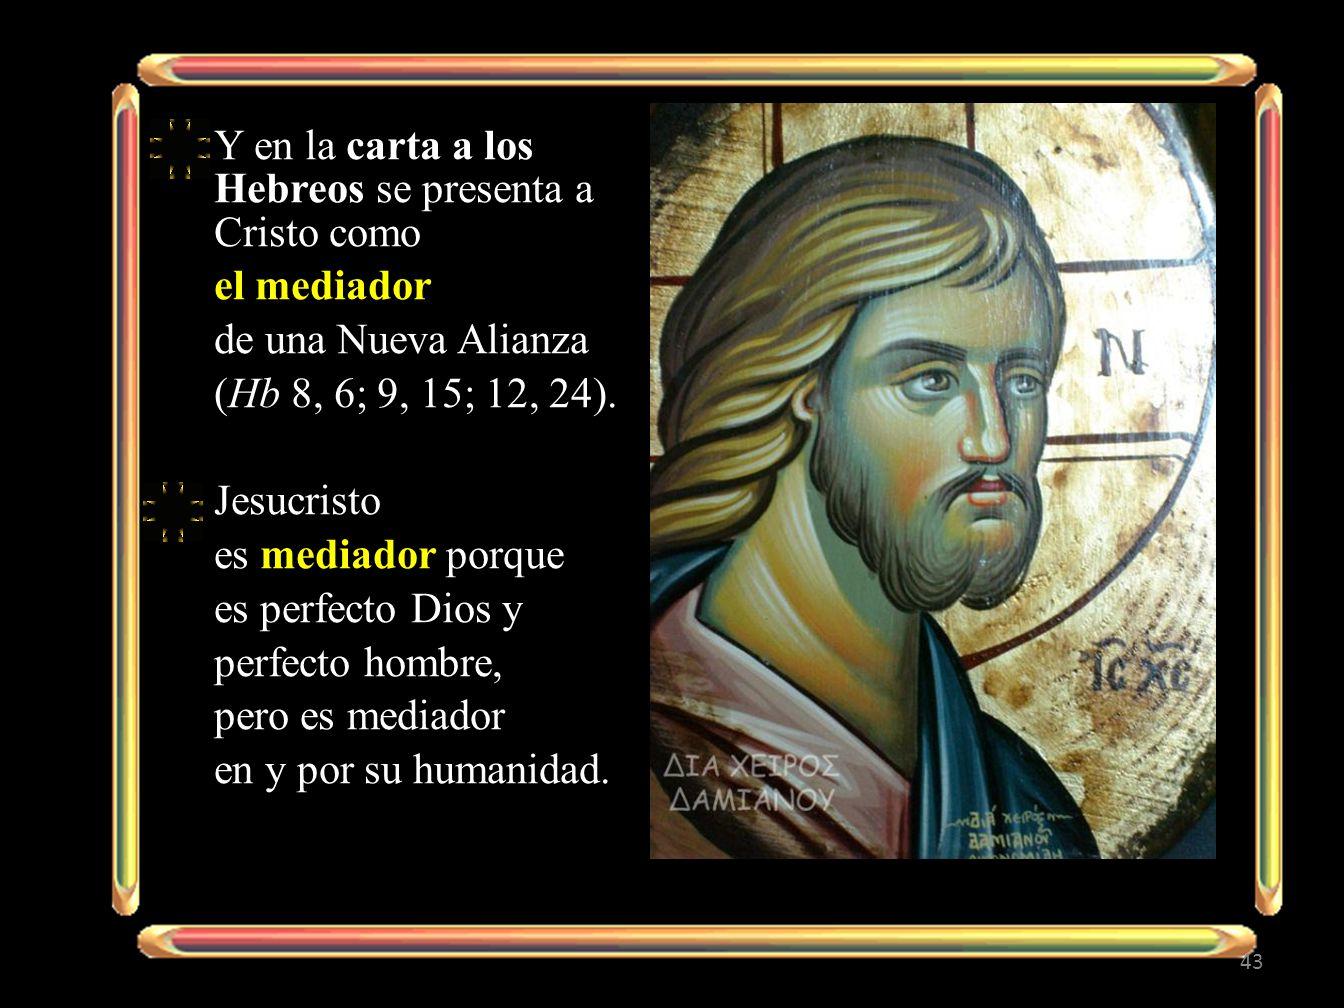 Y en la carta a los Hebreos se presenta a Cristo como